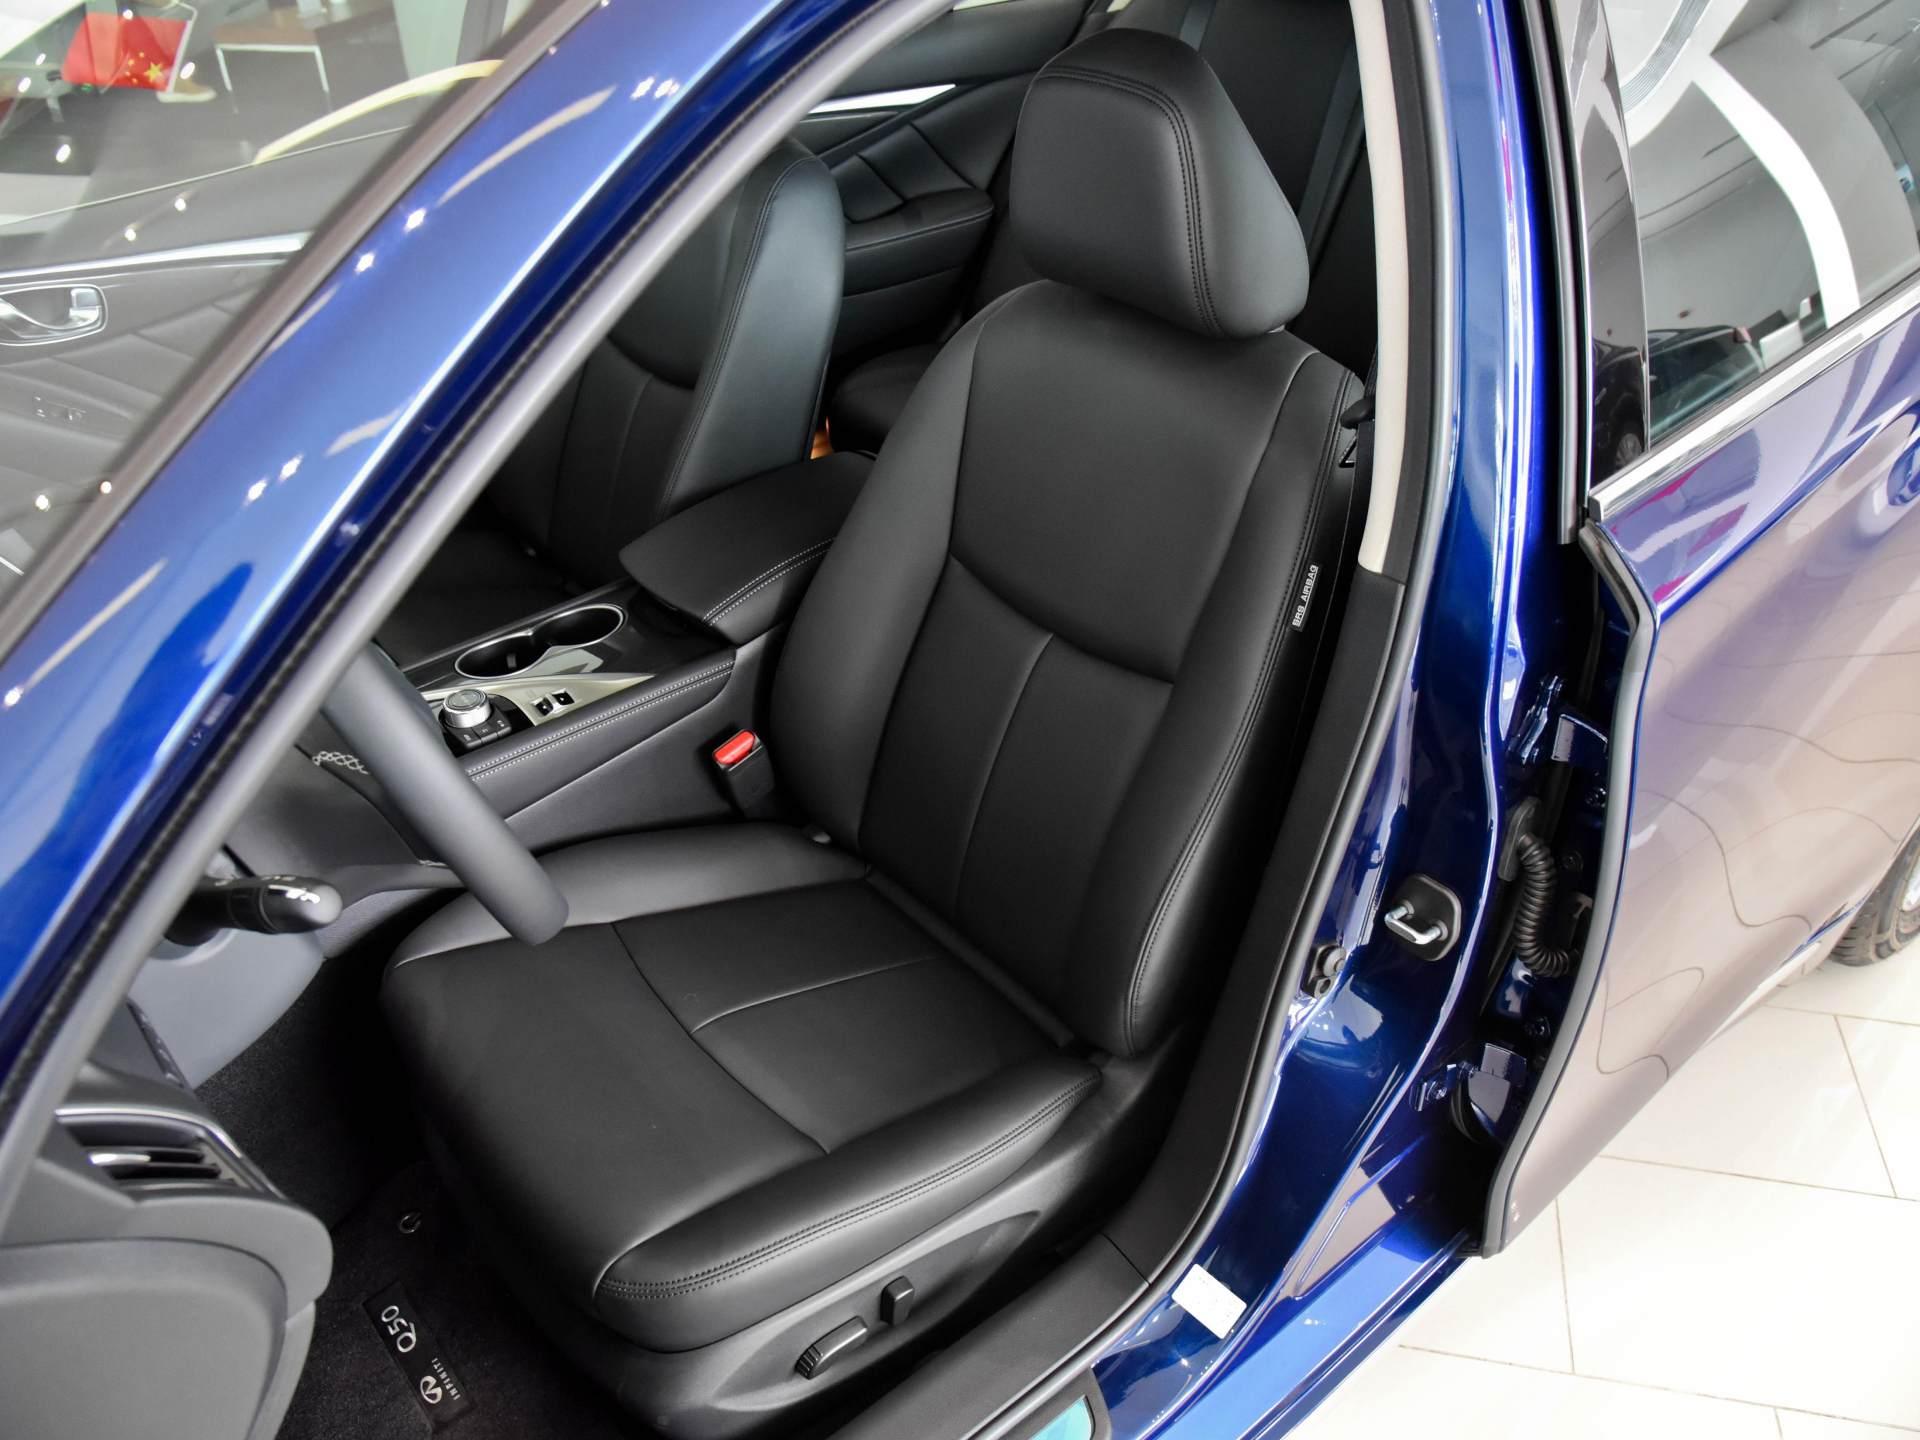 奔馳動力總成的日系豪華轎車,質感不錯,實拍英菲尼迪Q50L-圖6